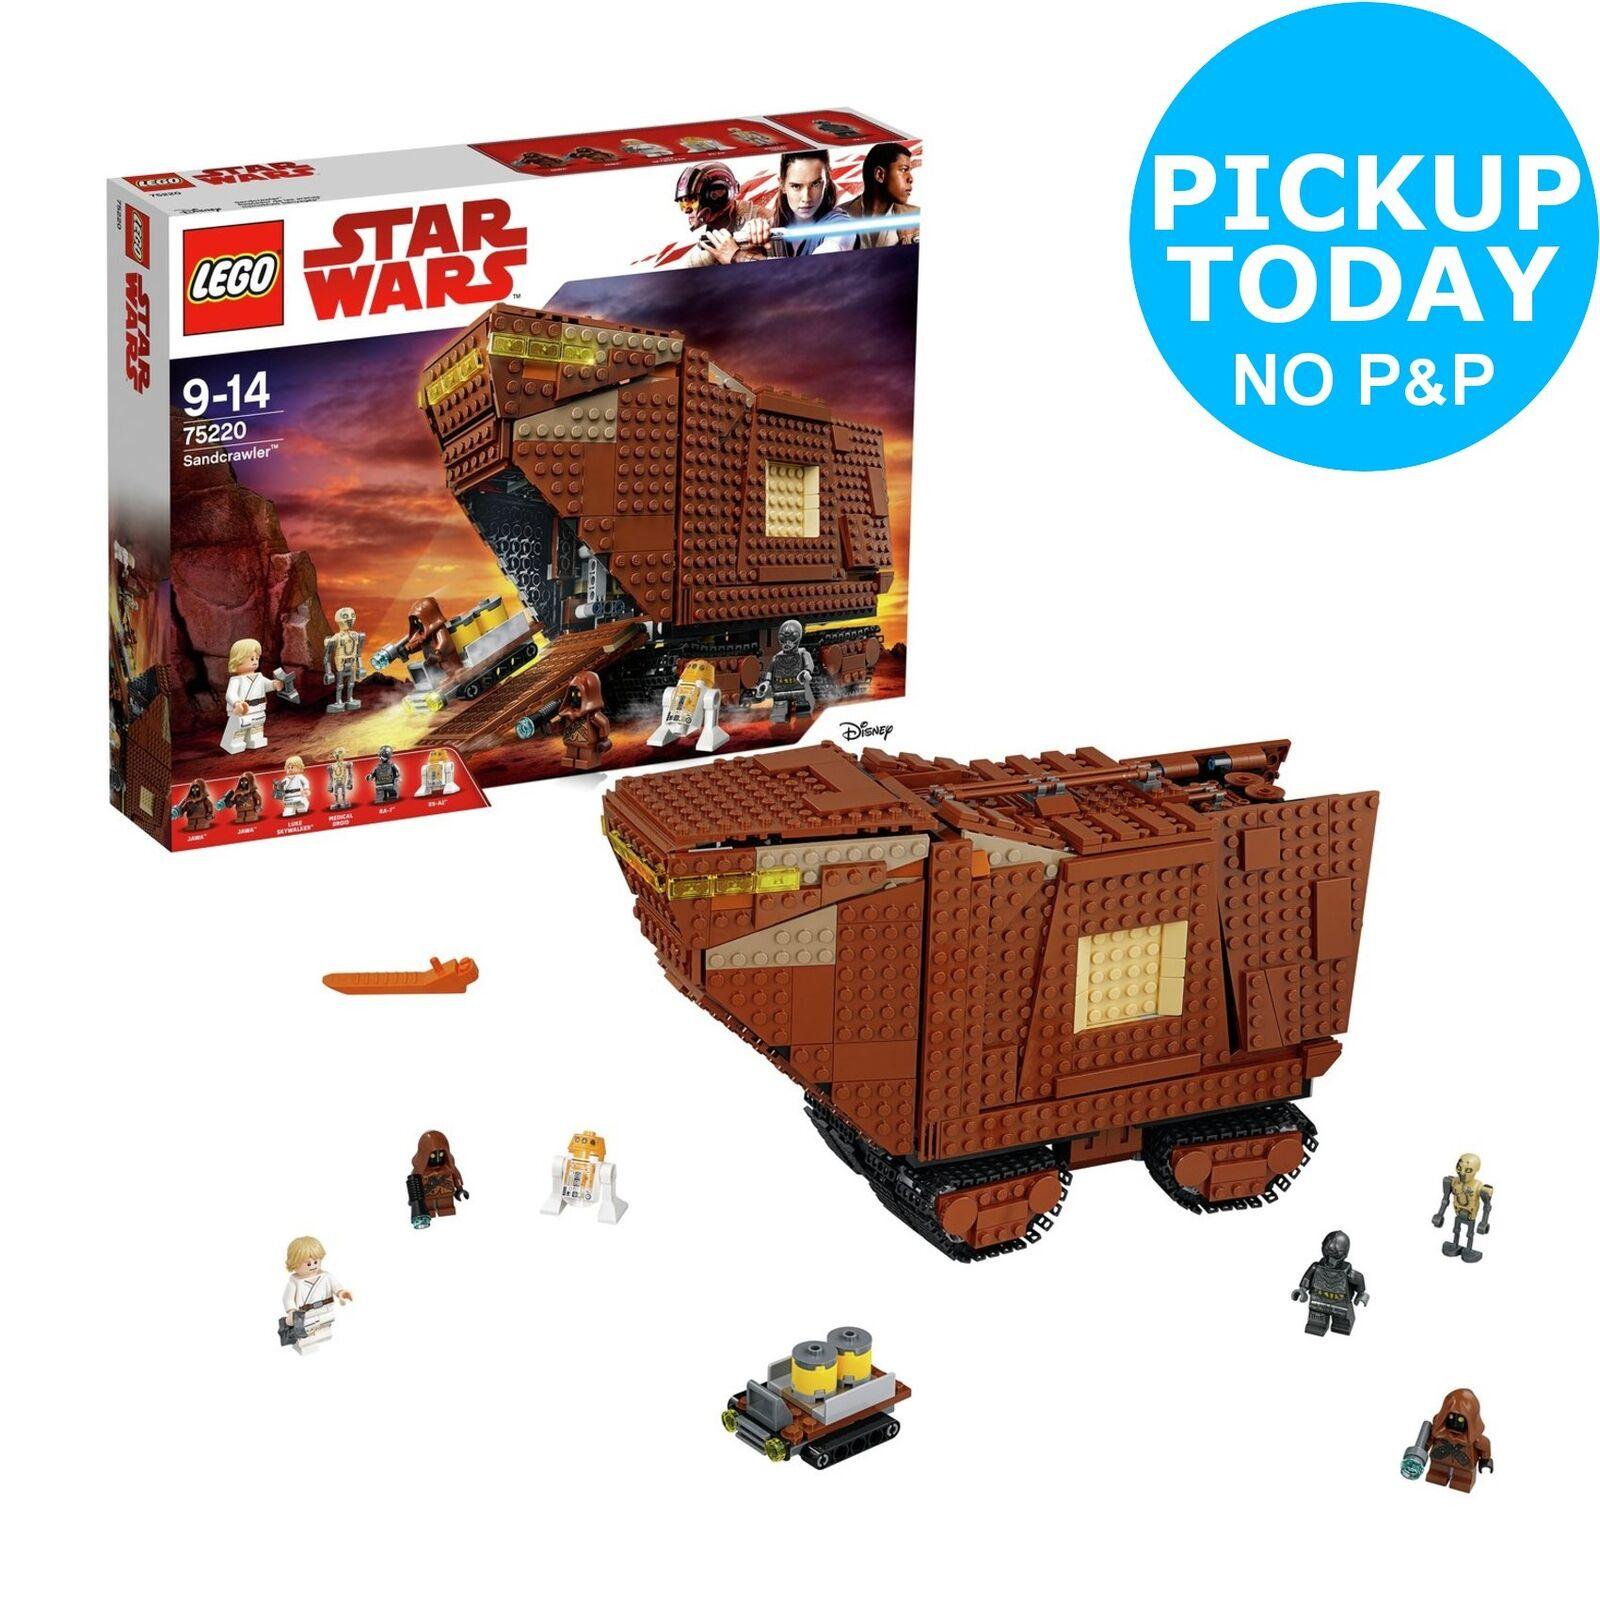 LEGO Star Wars Sandcrawler 4 Mini Figures Playset - 75220 - 10+ Years